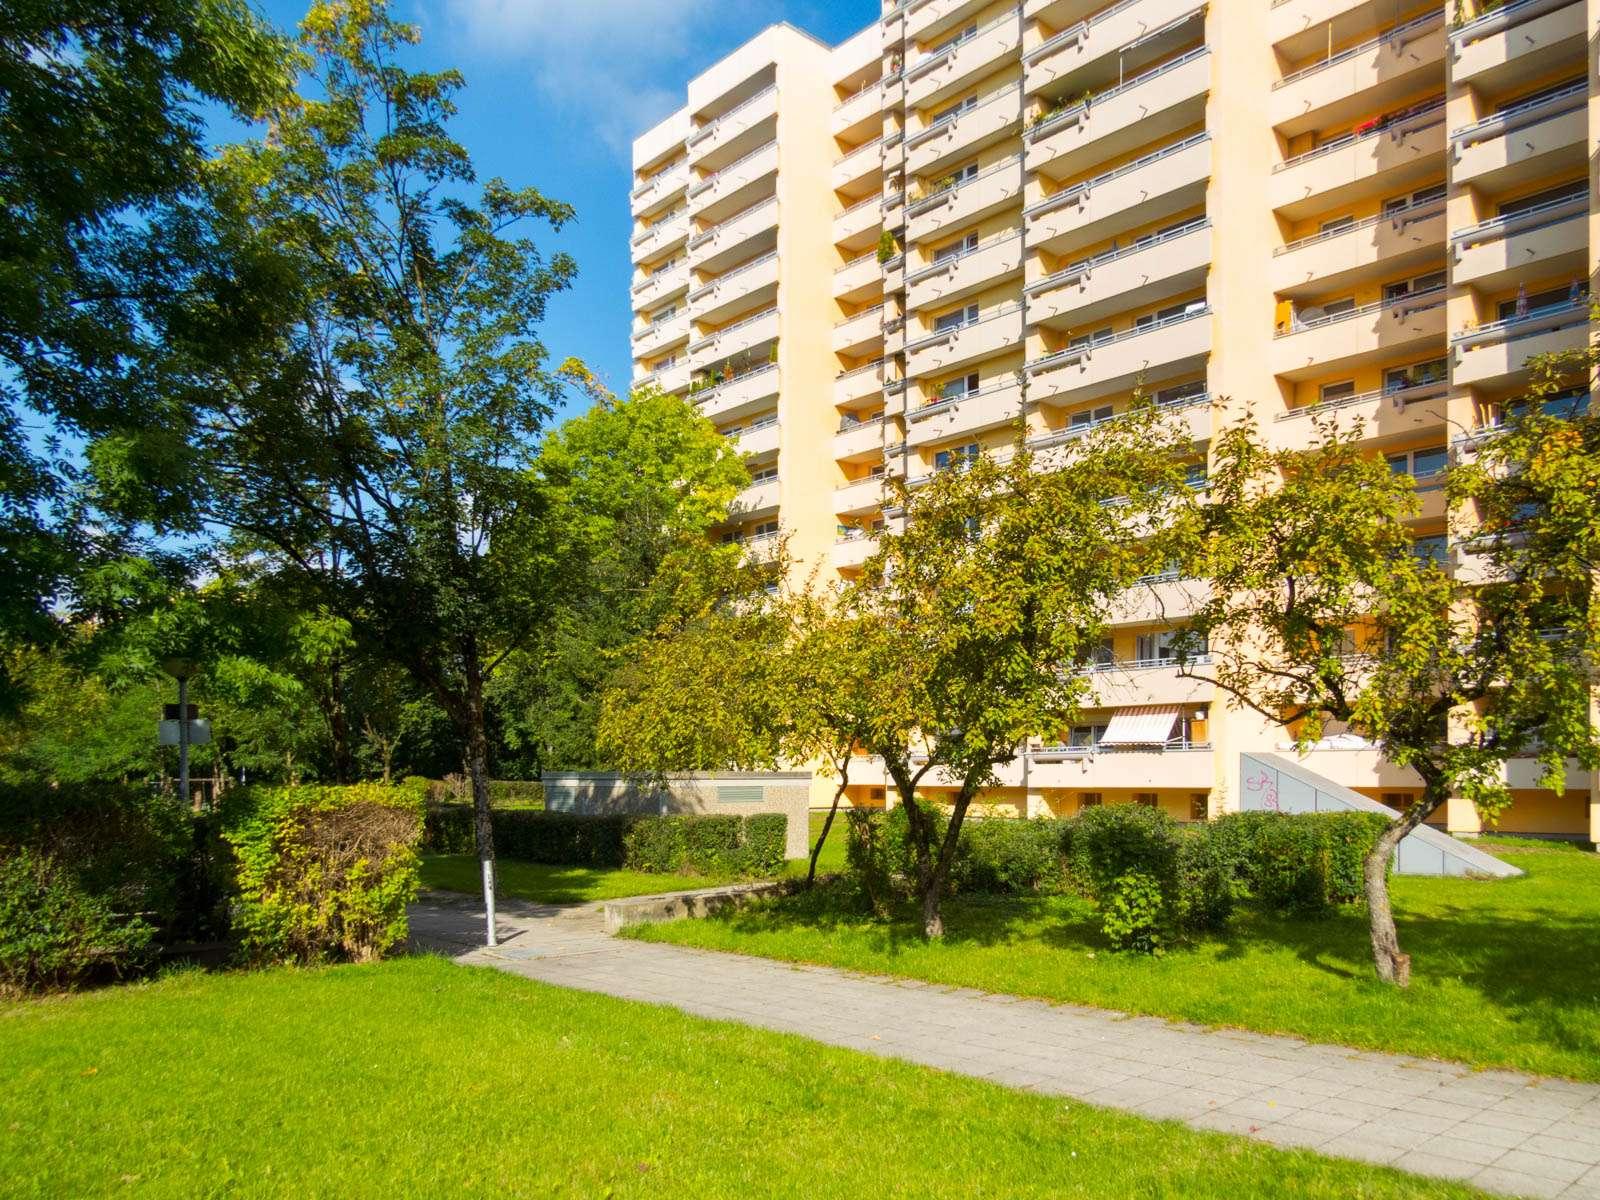 Erstbezug nach Sanierung: exklusive, geräumige 1-Zimmer-Wohnung mit Balkon in Neuperlach, München in Perlach (München)